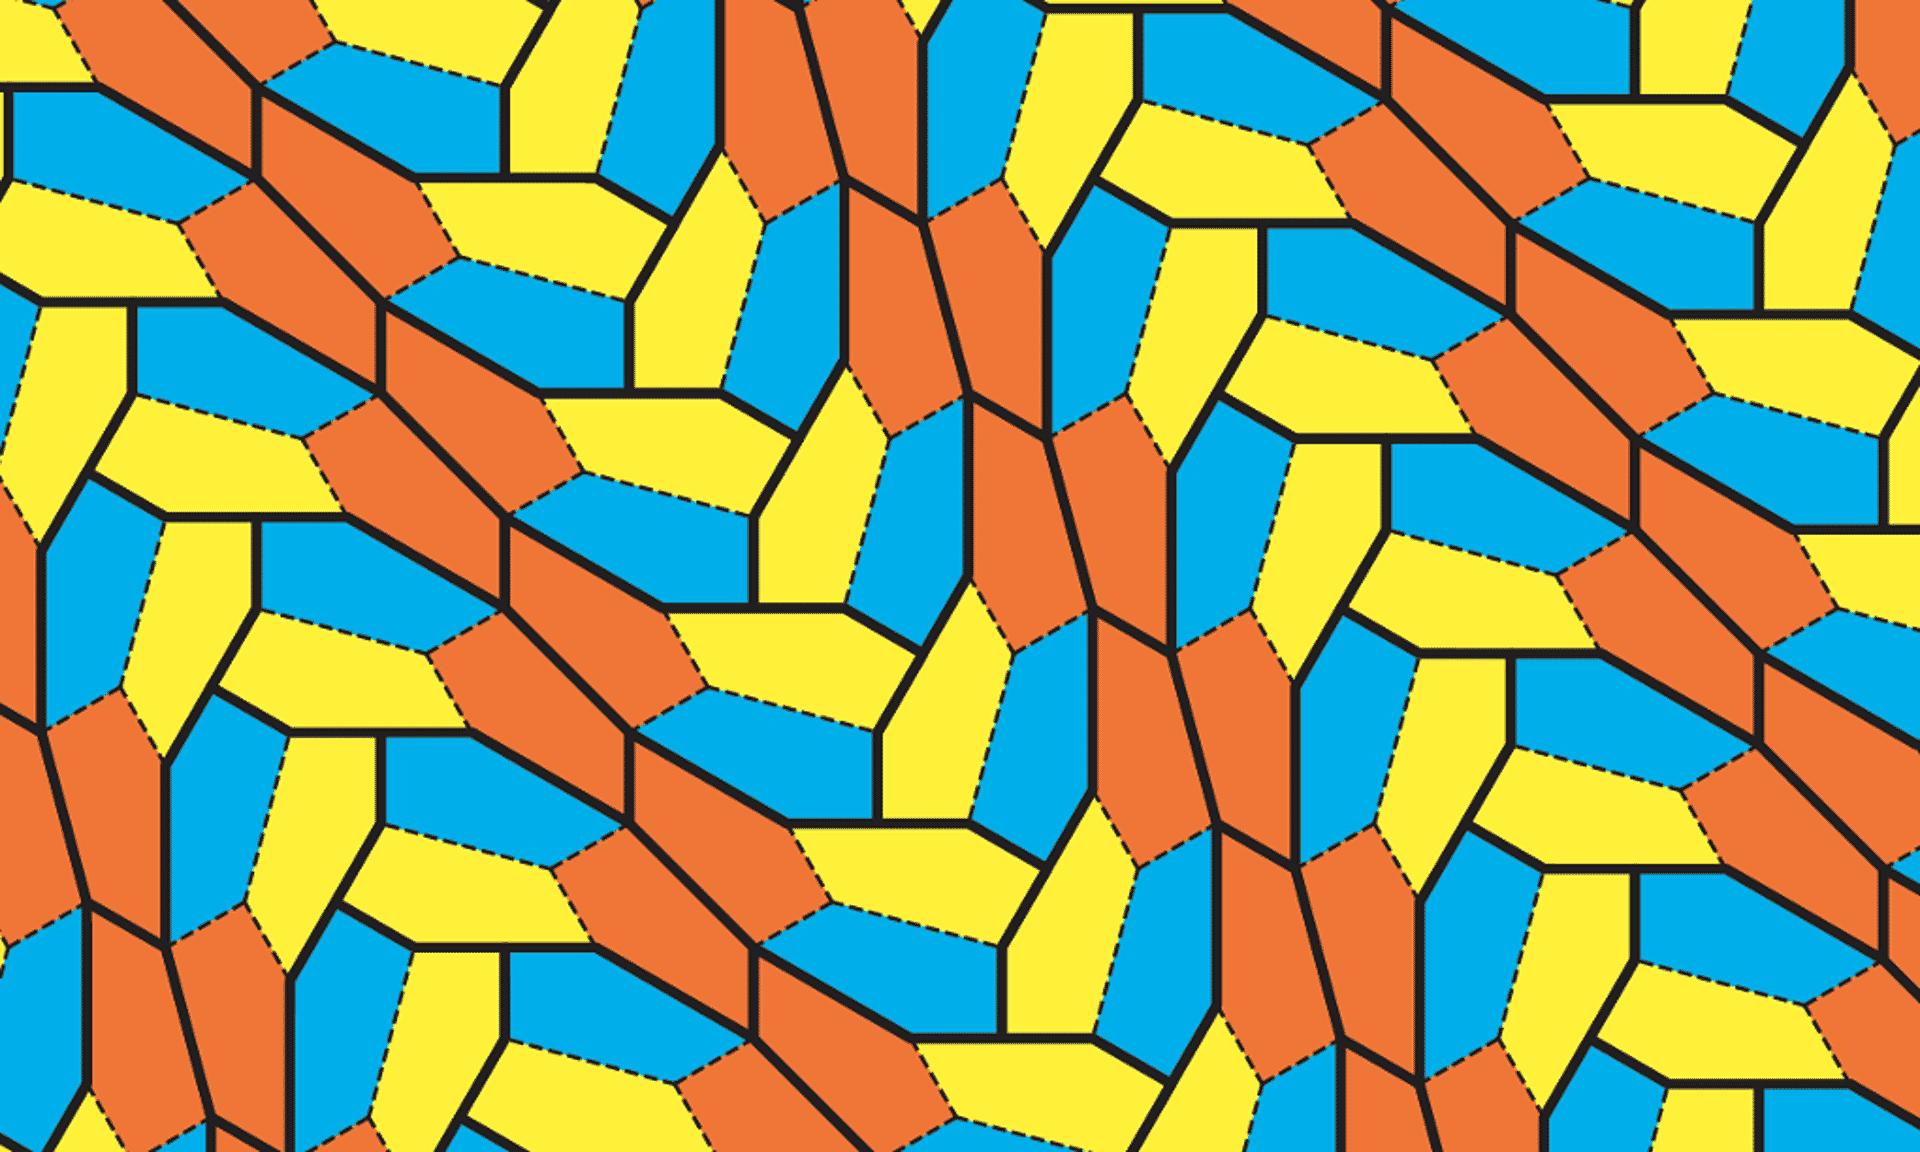 cómo cubrir el plano con un mismo polígono sin dejar huecos